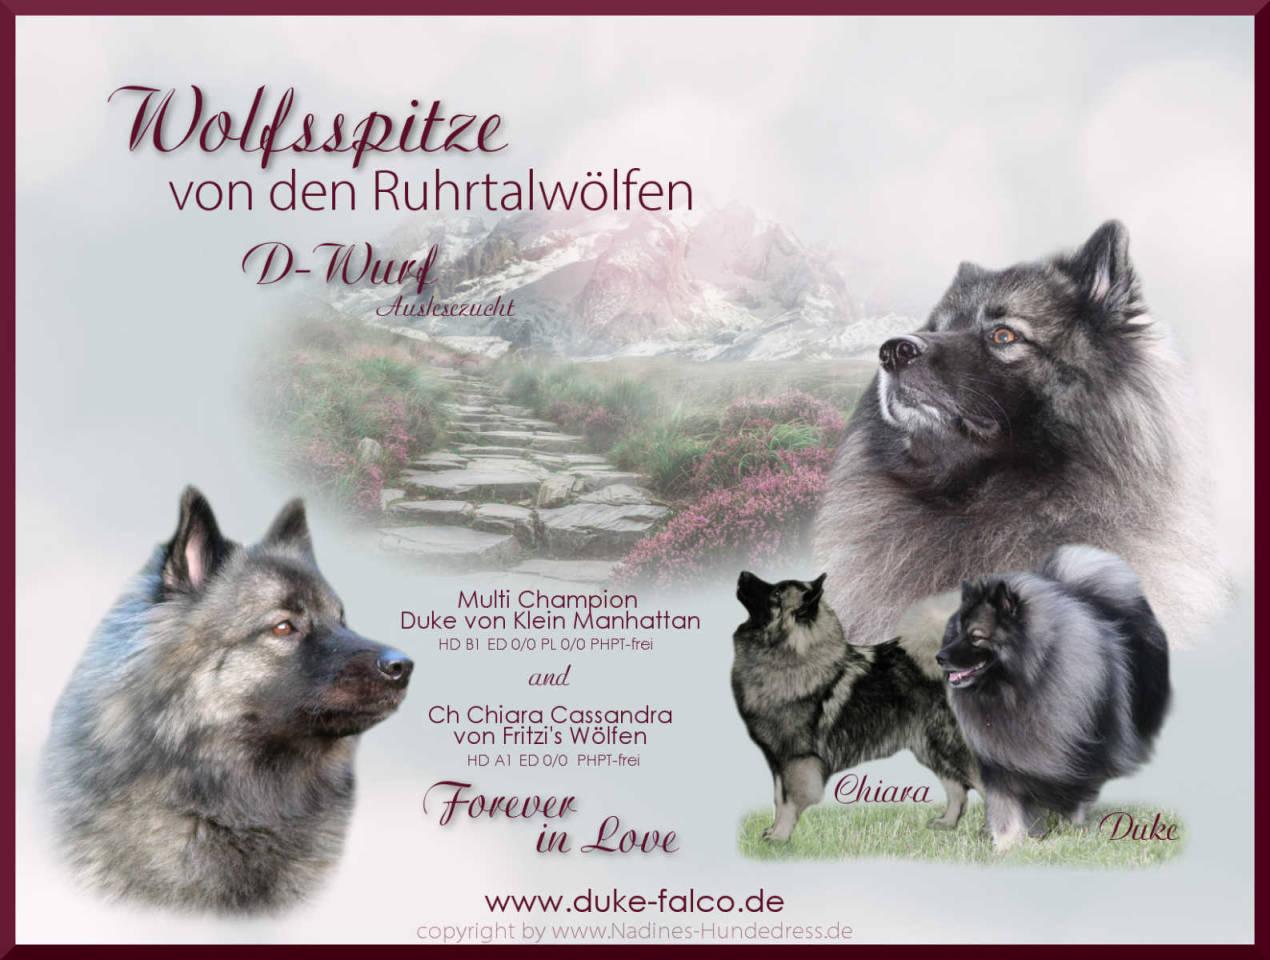 Wolfsspitz Ruhrtalwölfe Zucht D-Wurf Verpaarung Wurfankündigung